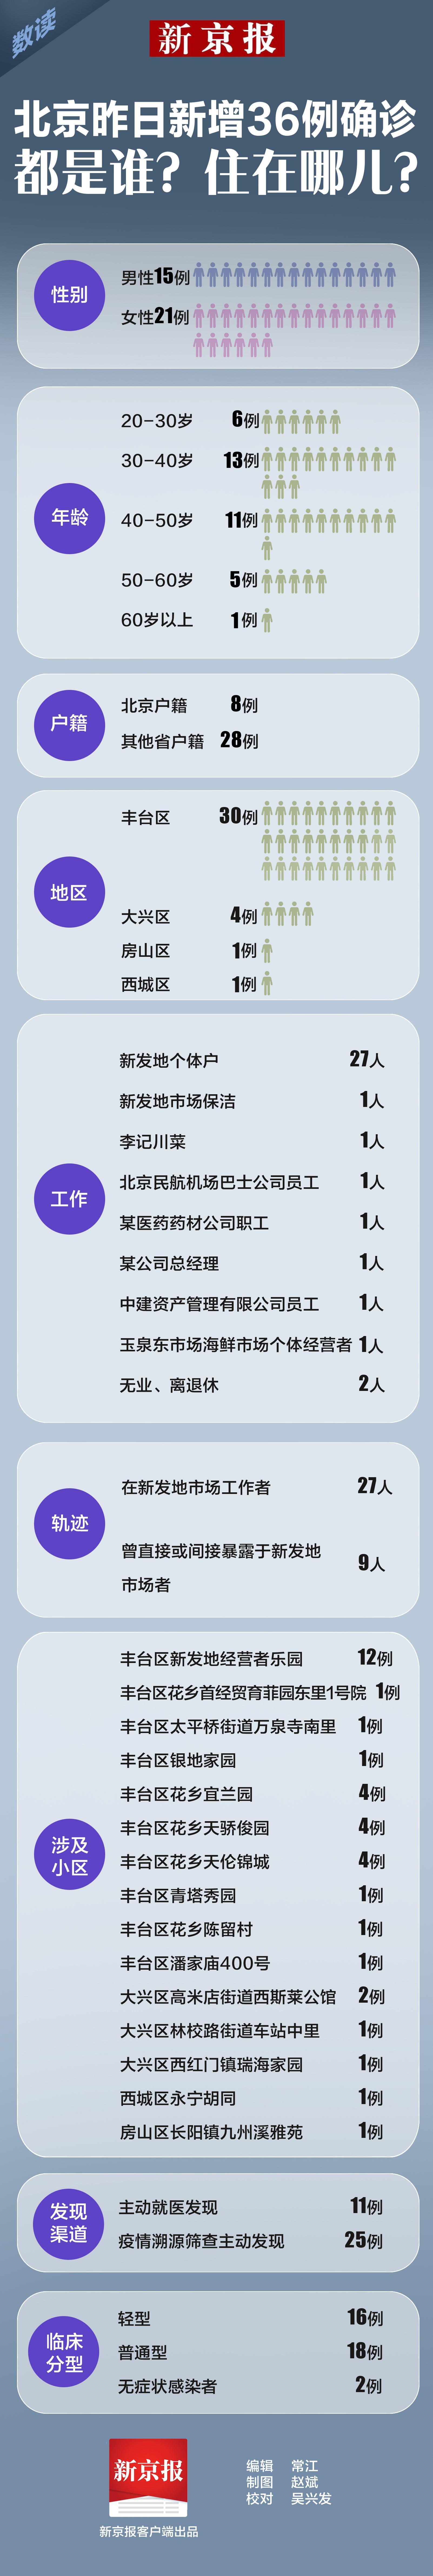 北京13日新增36例确诊都是谁?住在哪儿?图片